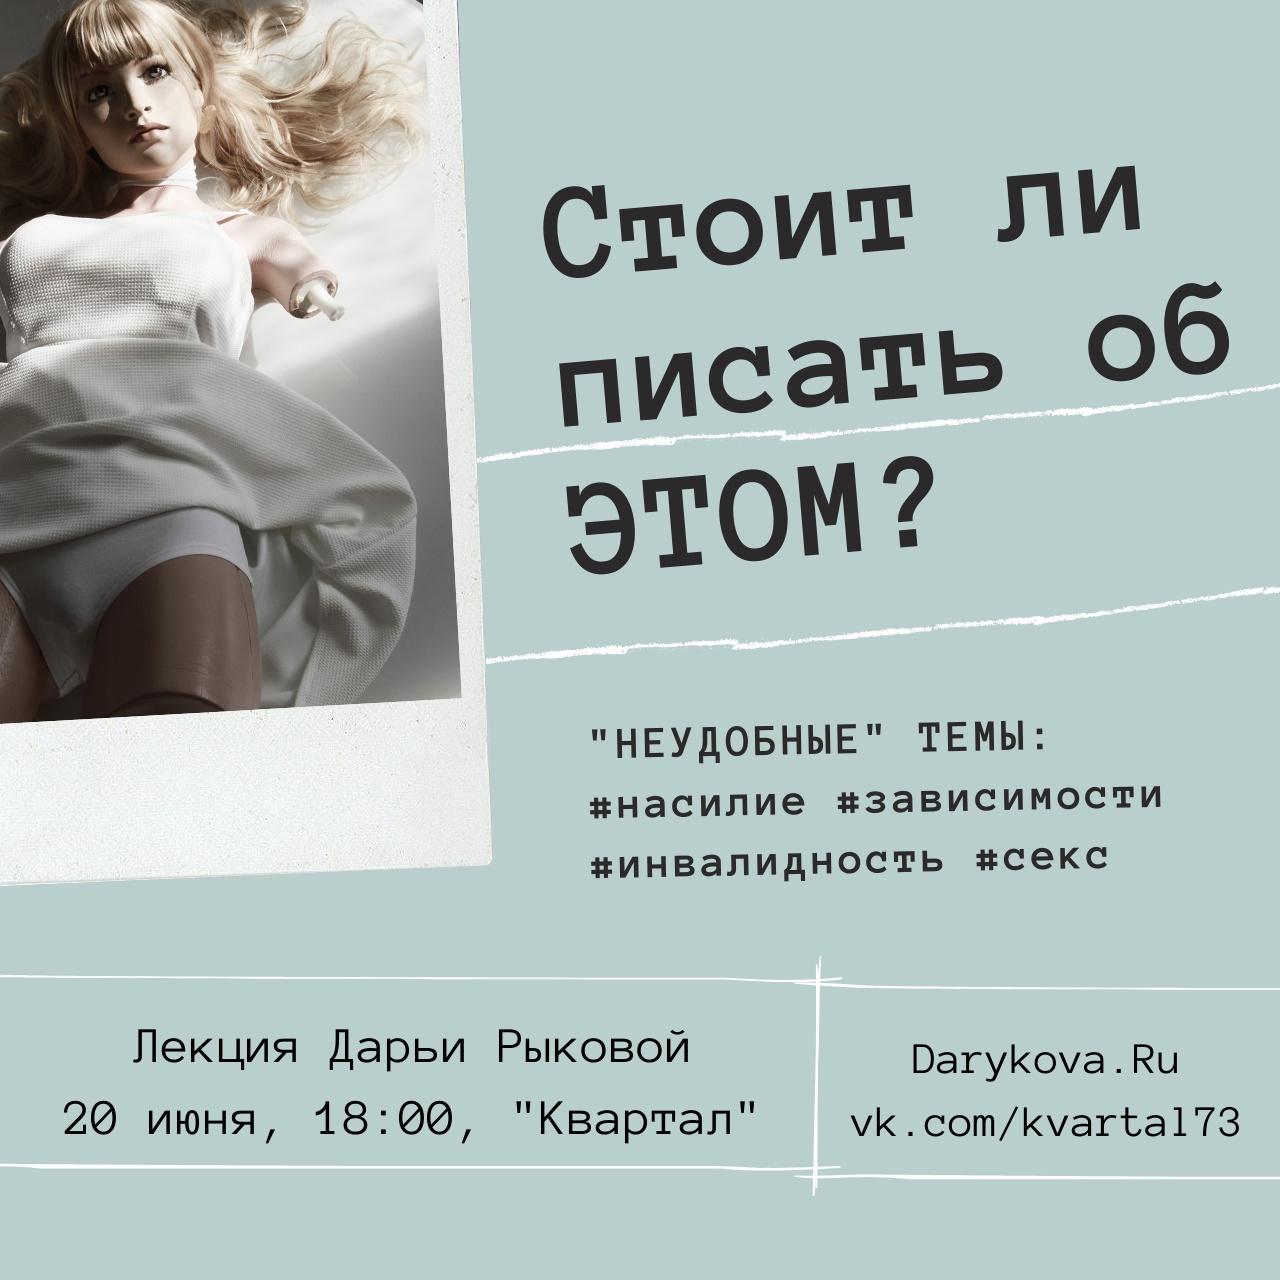 Афиша Ульяновск Стоит ли писать об ЭТОМ? Лекция Дарьи Рыковой